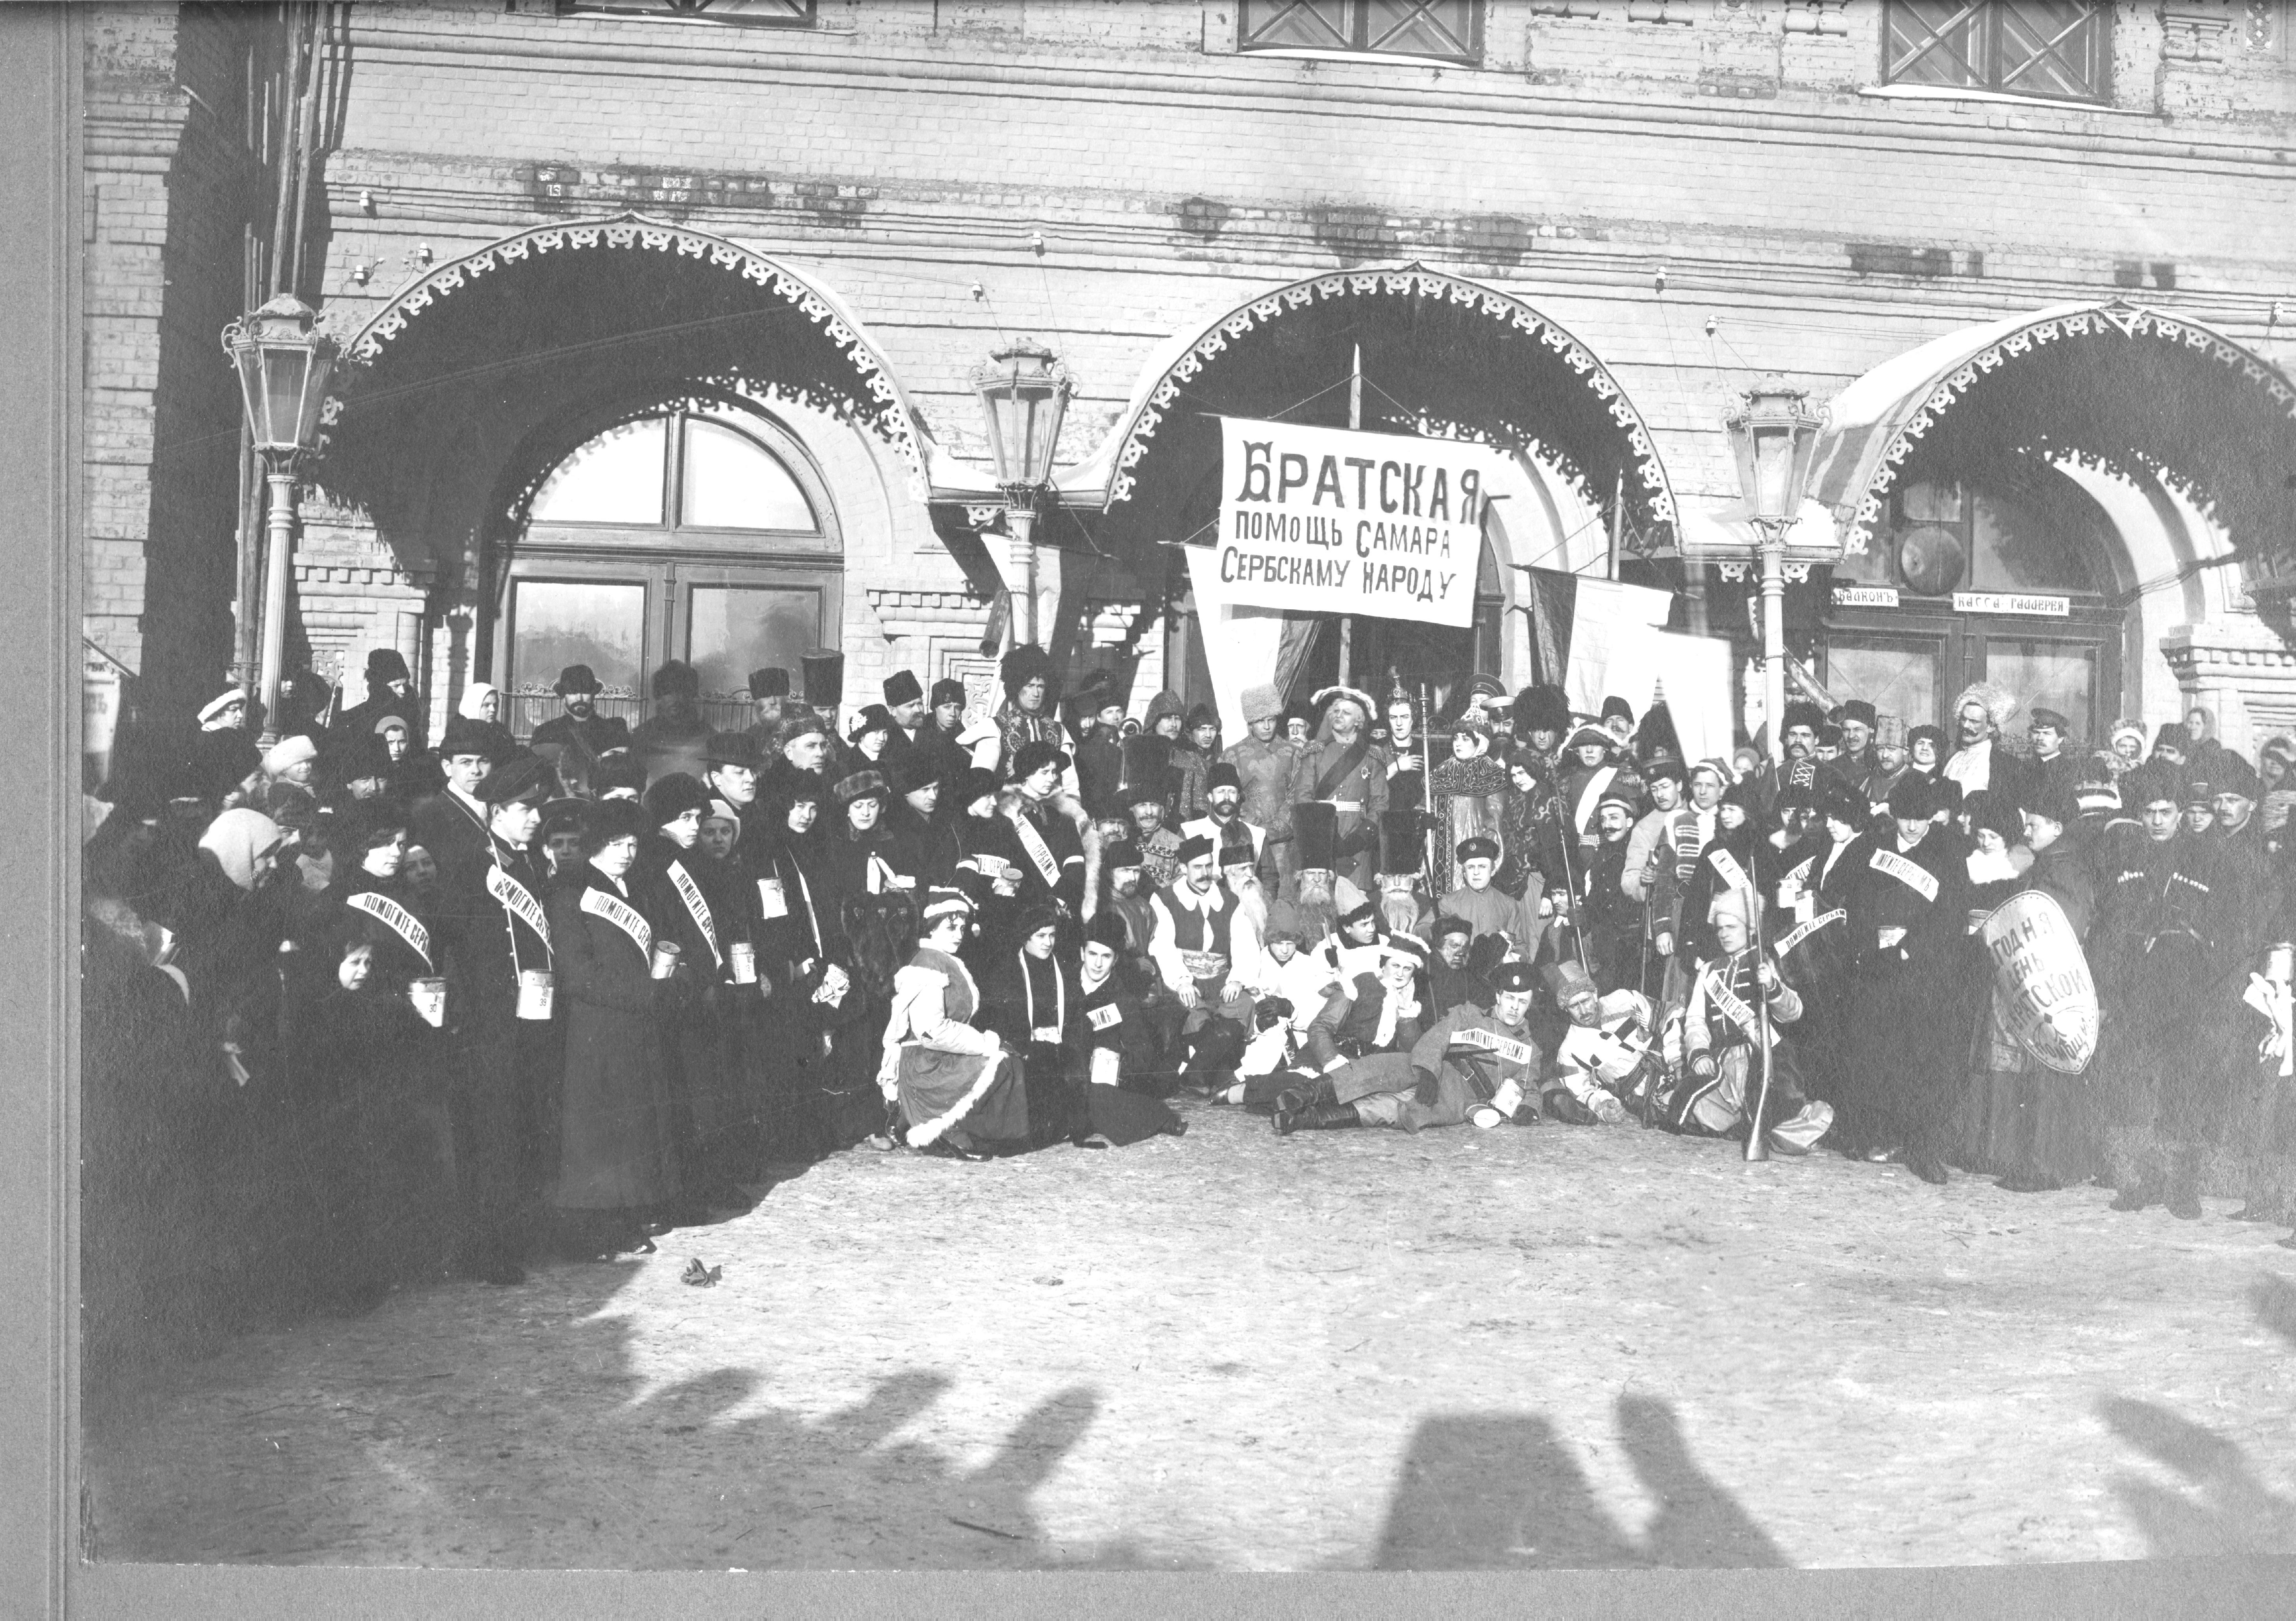 1915. Сборщики помощи Сербии с самарскими артистами у здания городского театра